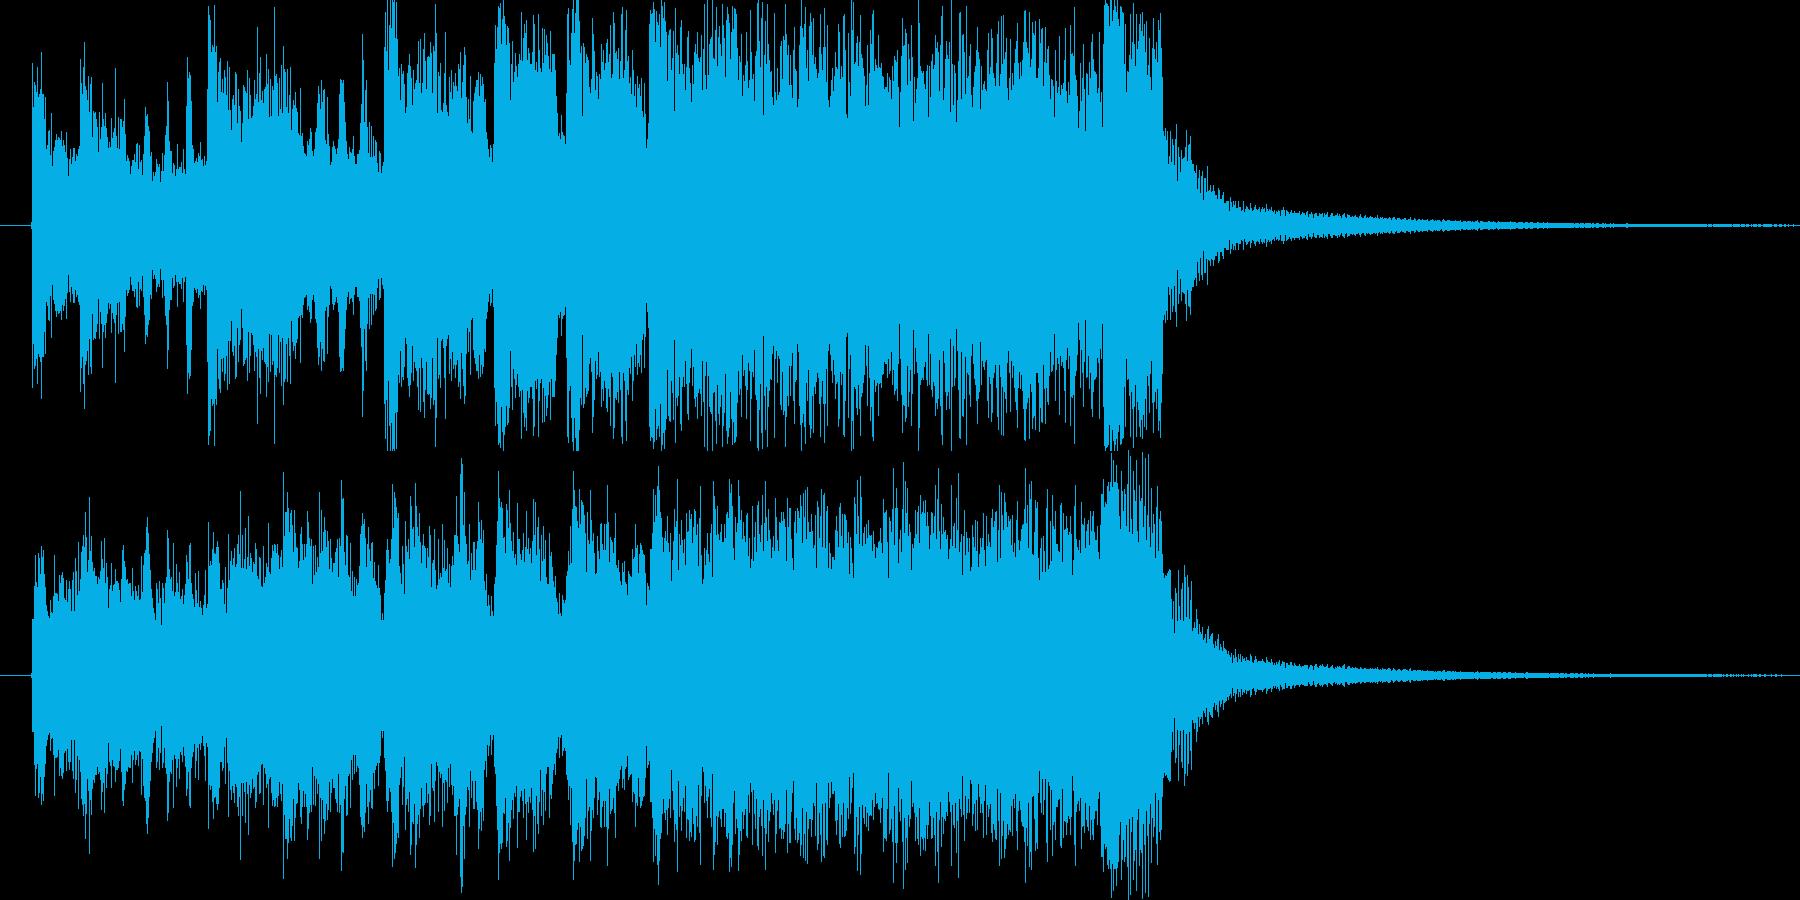 発表です!的なファンファーレの再生済みの波形